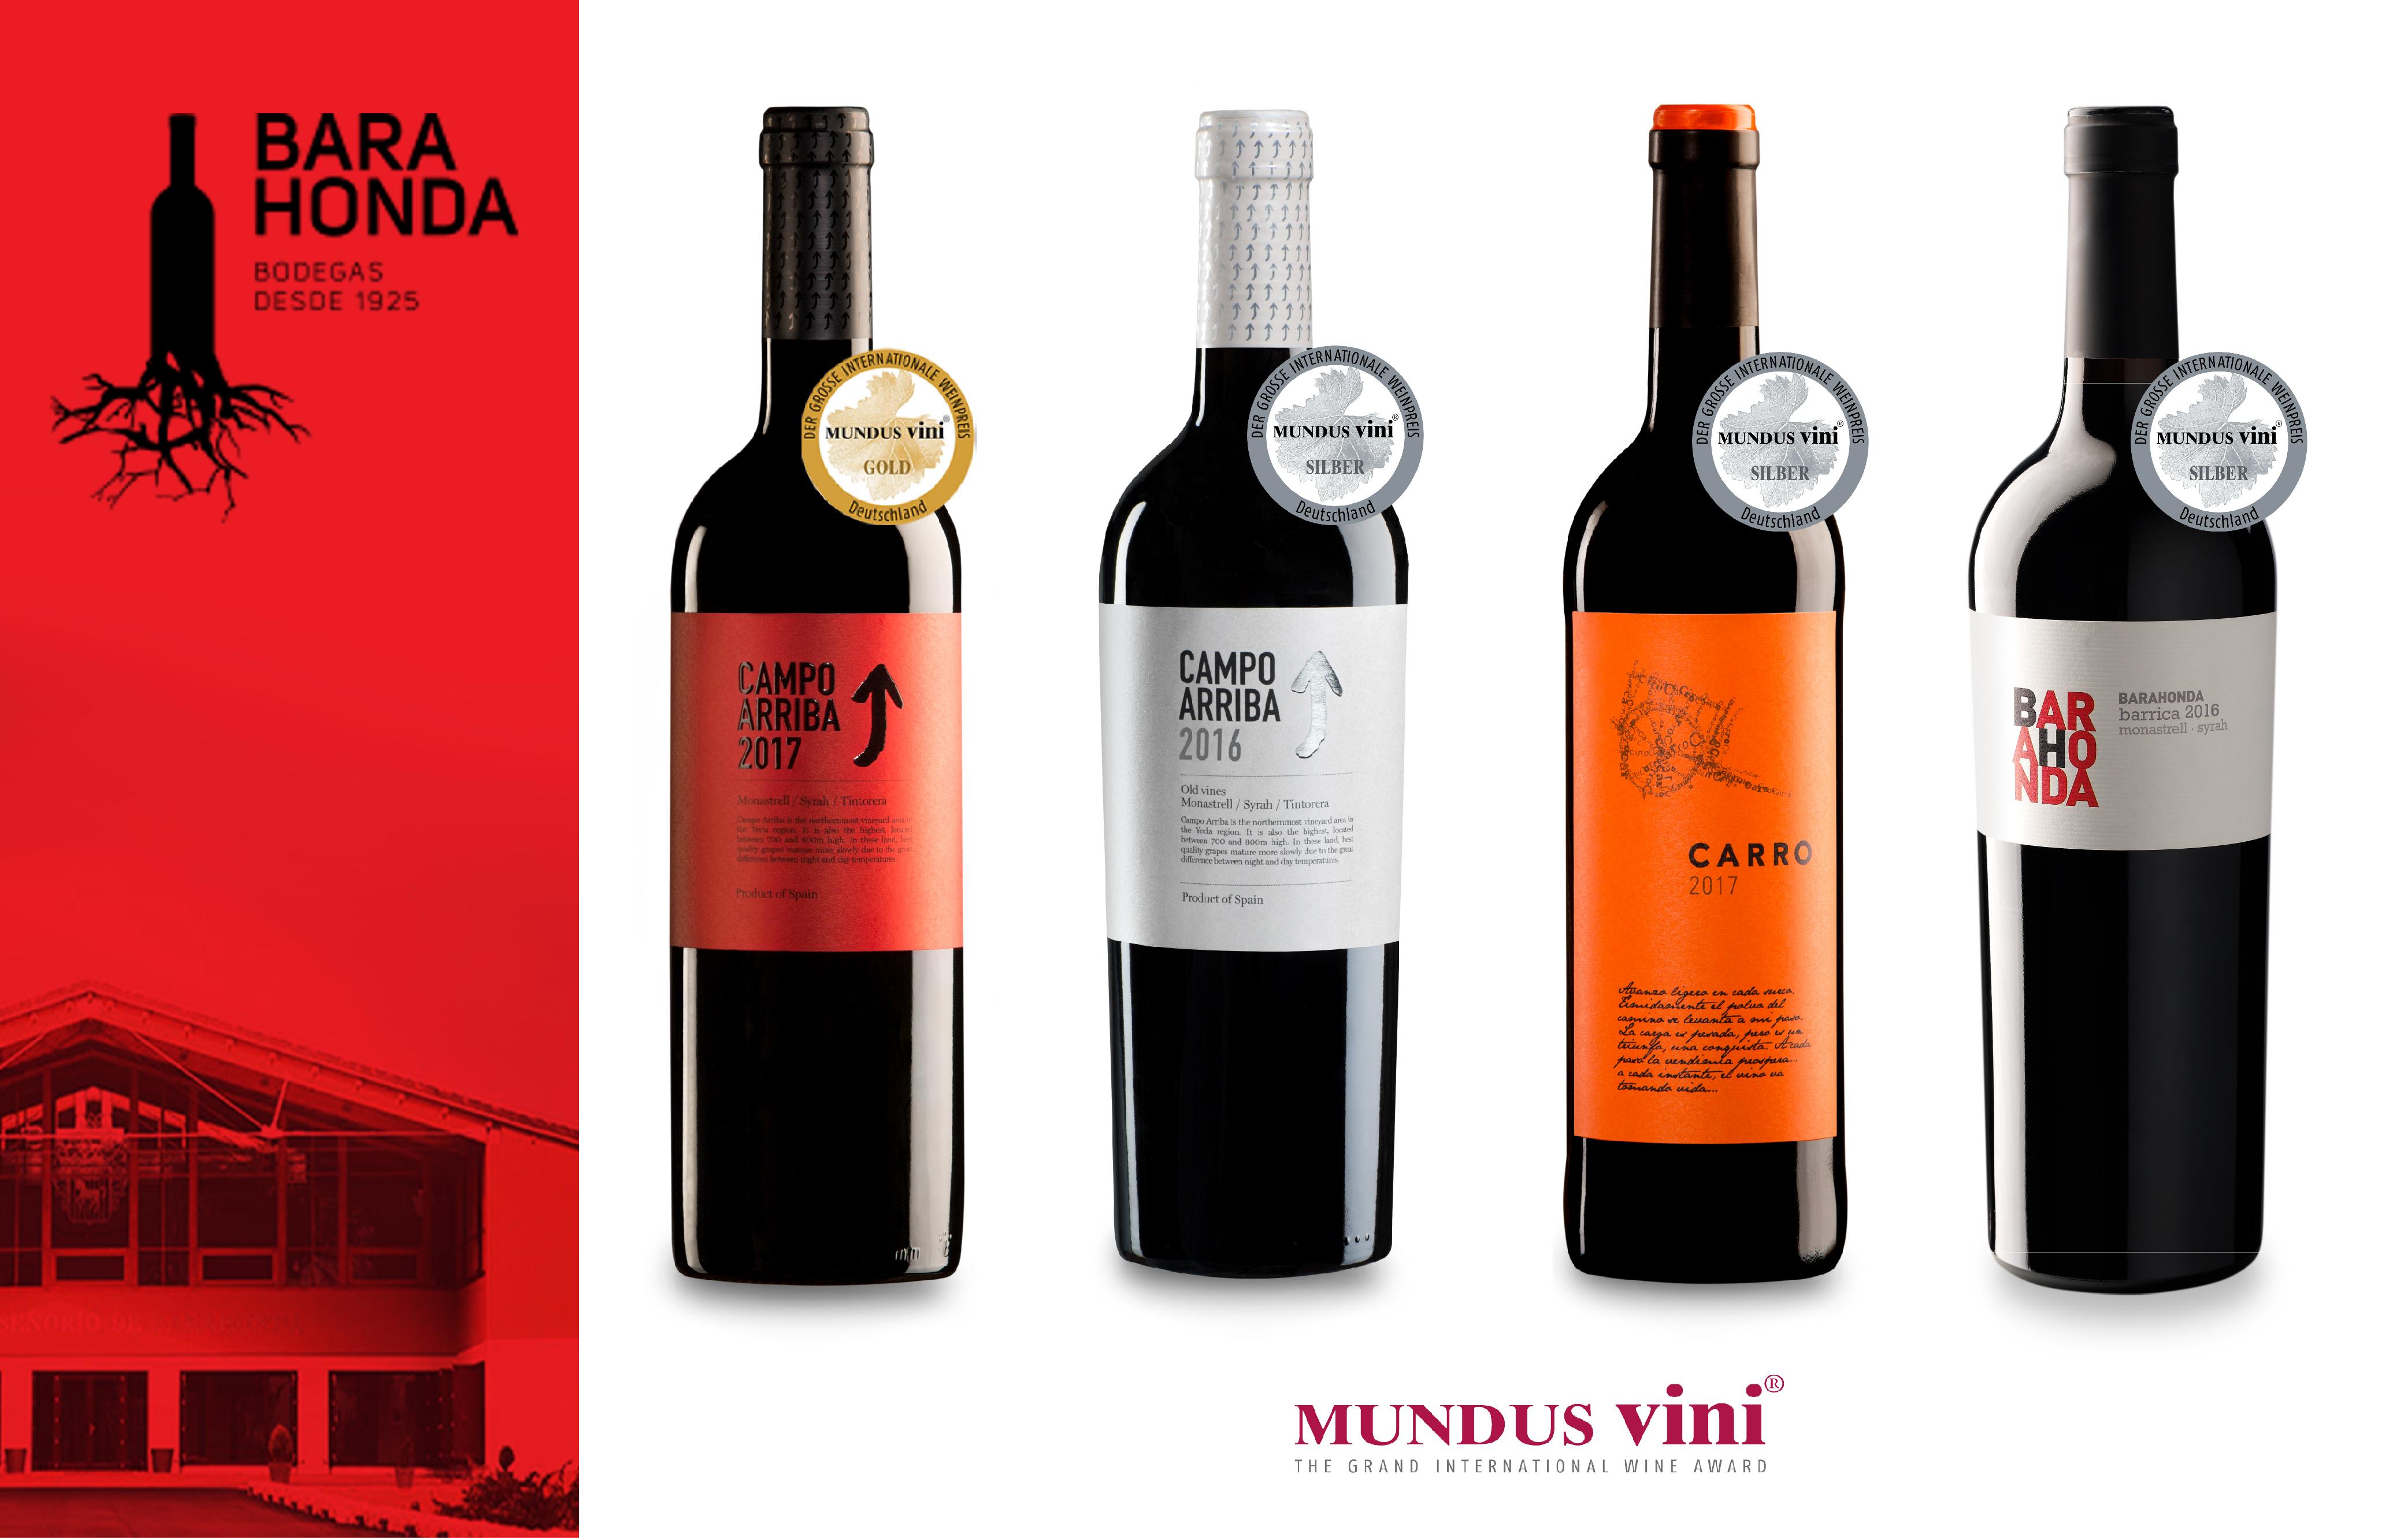 Cuatro vinos de Barahonda premiados en Mundus Vini